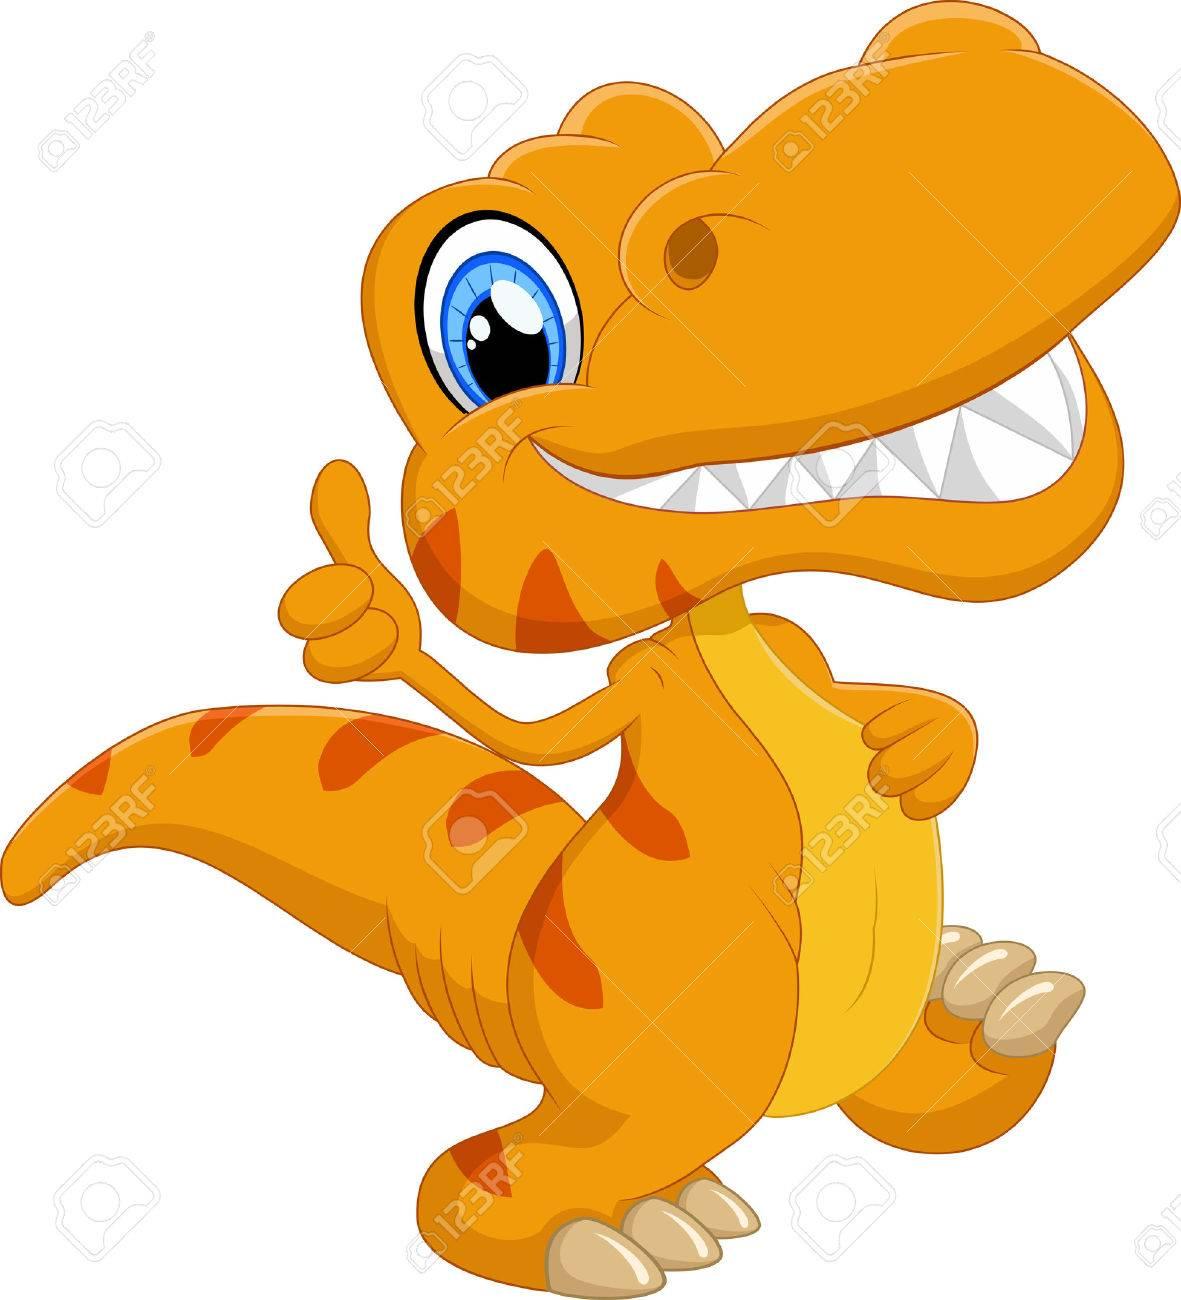 hight resolution of cute dinosaur cartoon